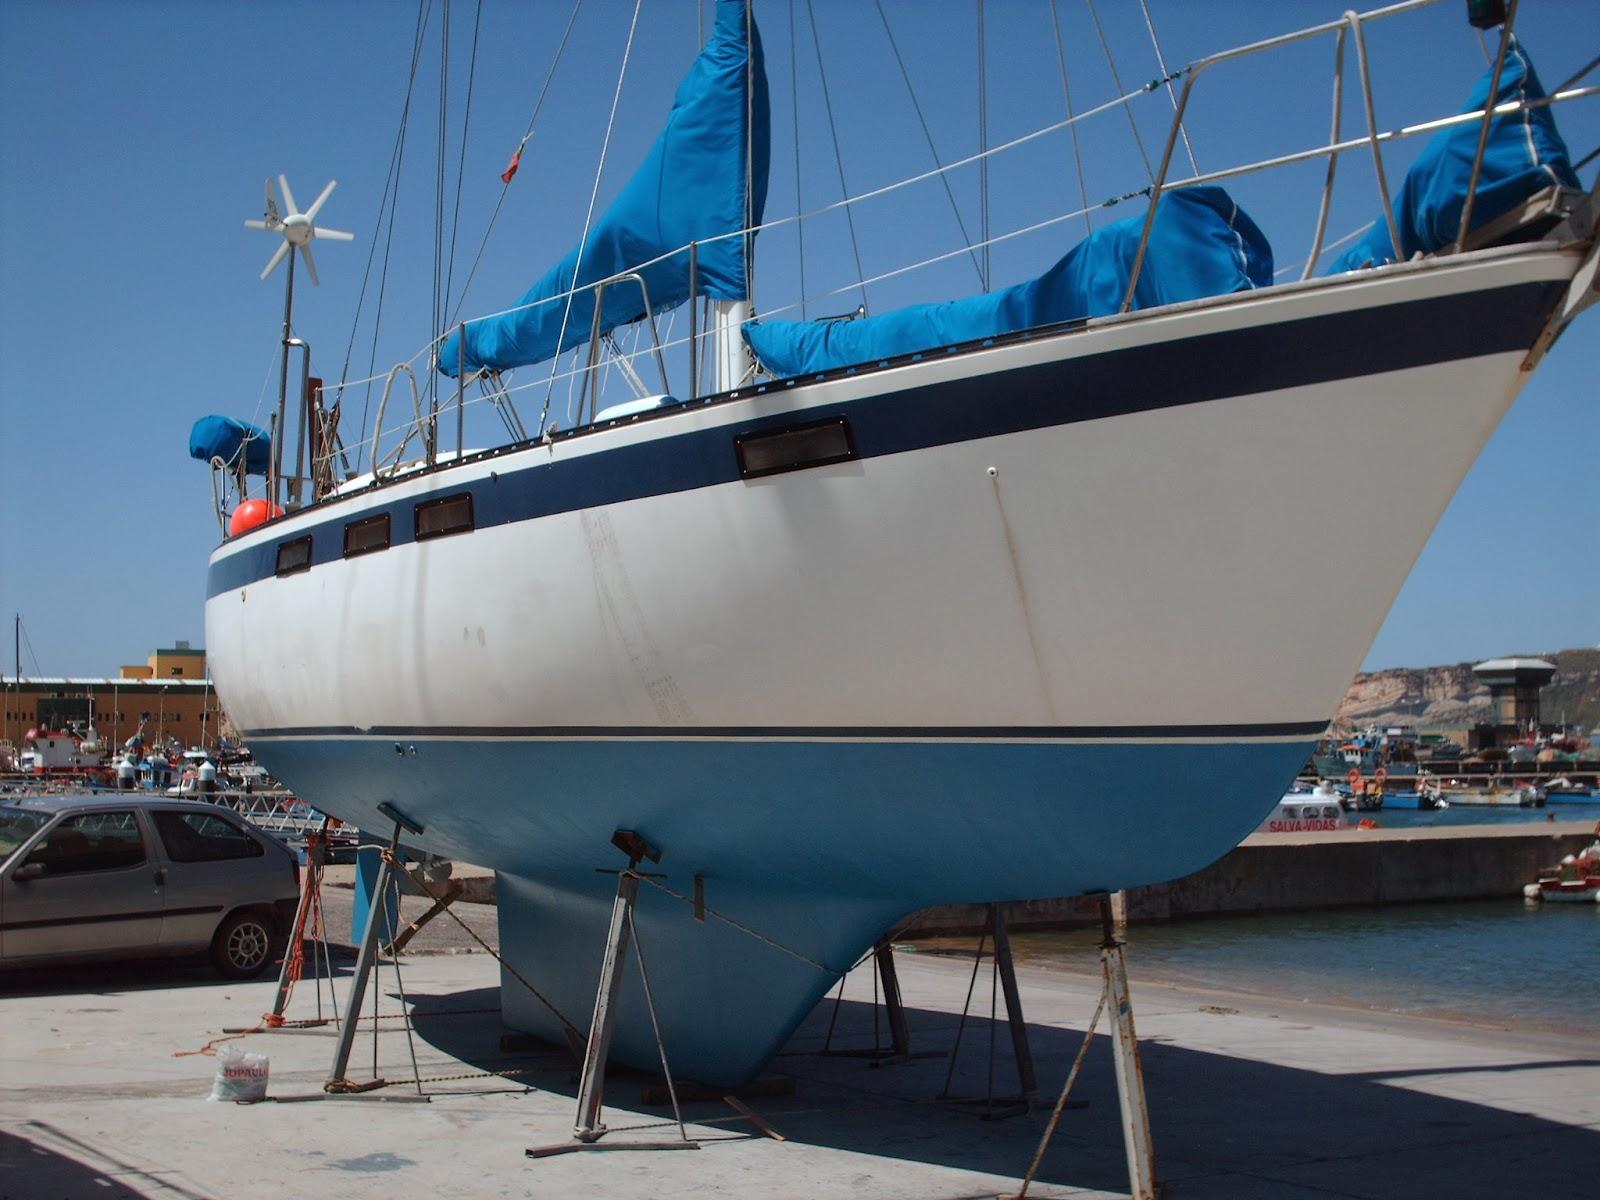 Nazare boat yard